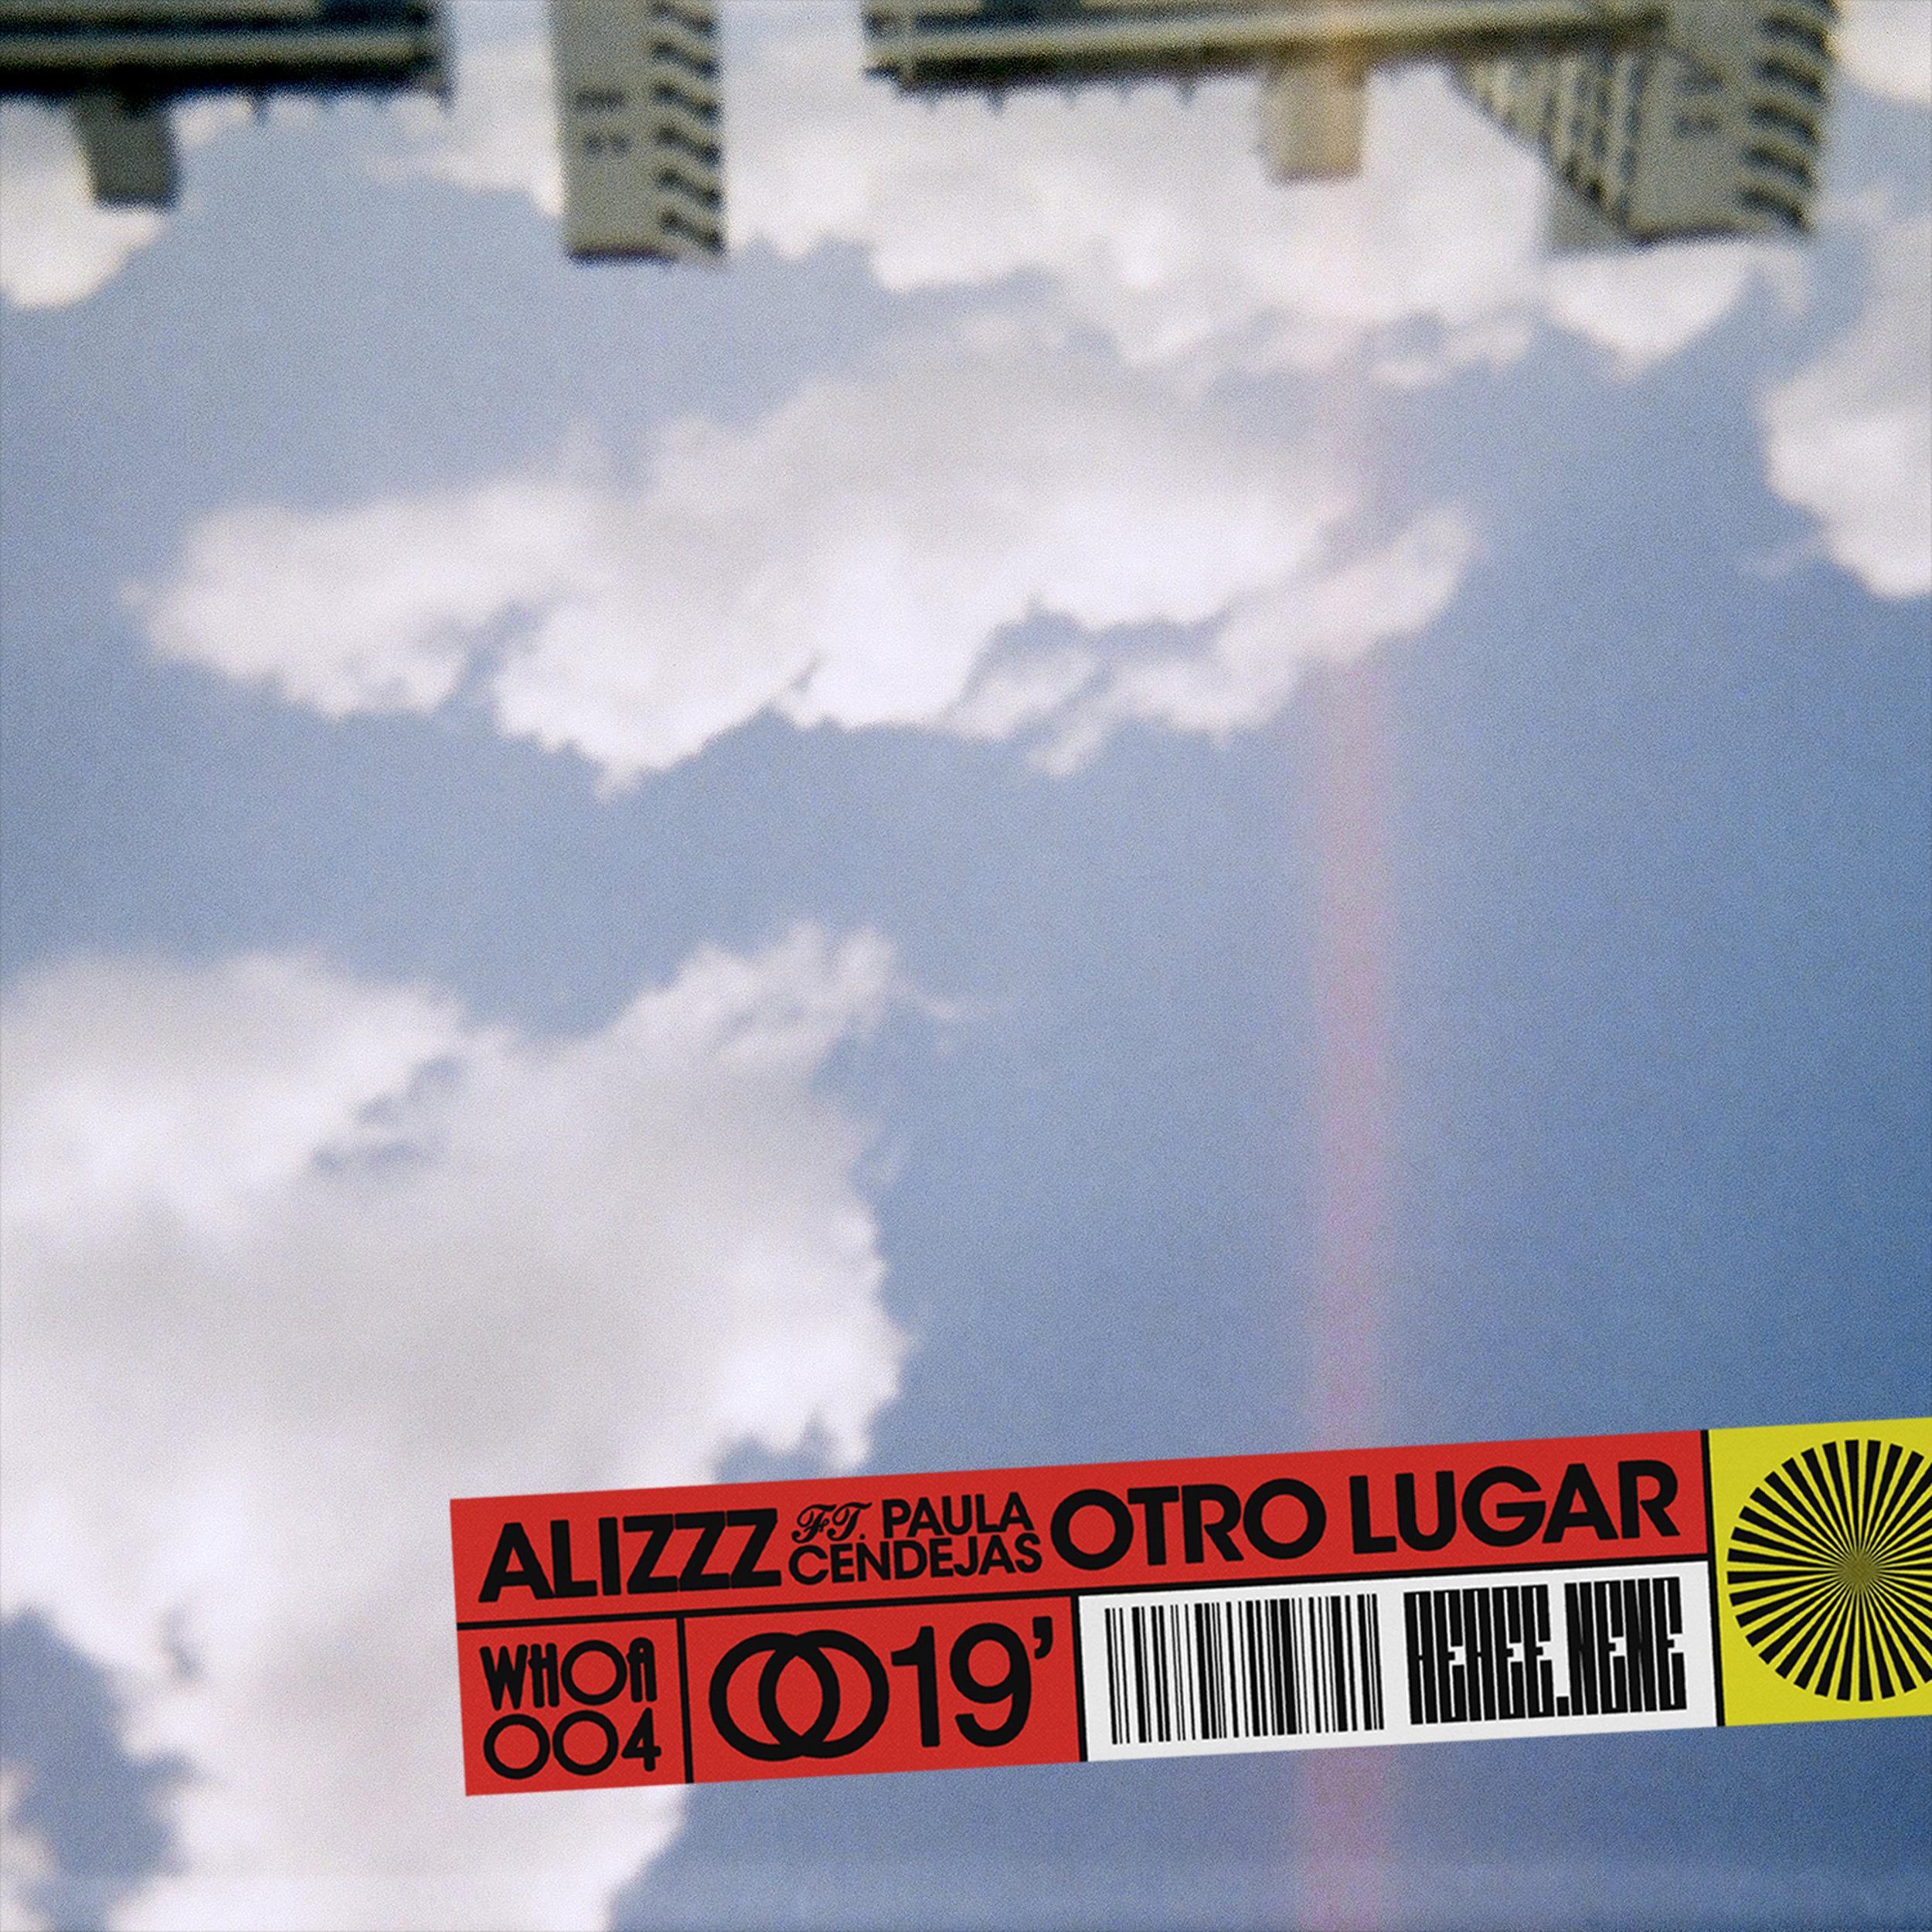 ALIZZZ-OTRO-LUGAR